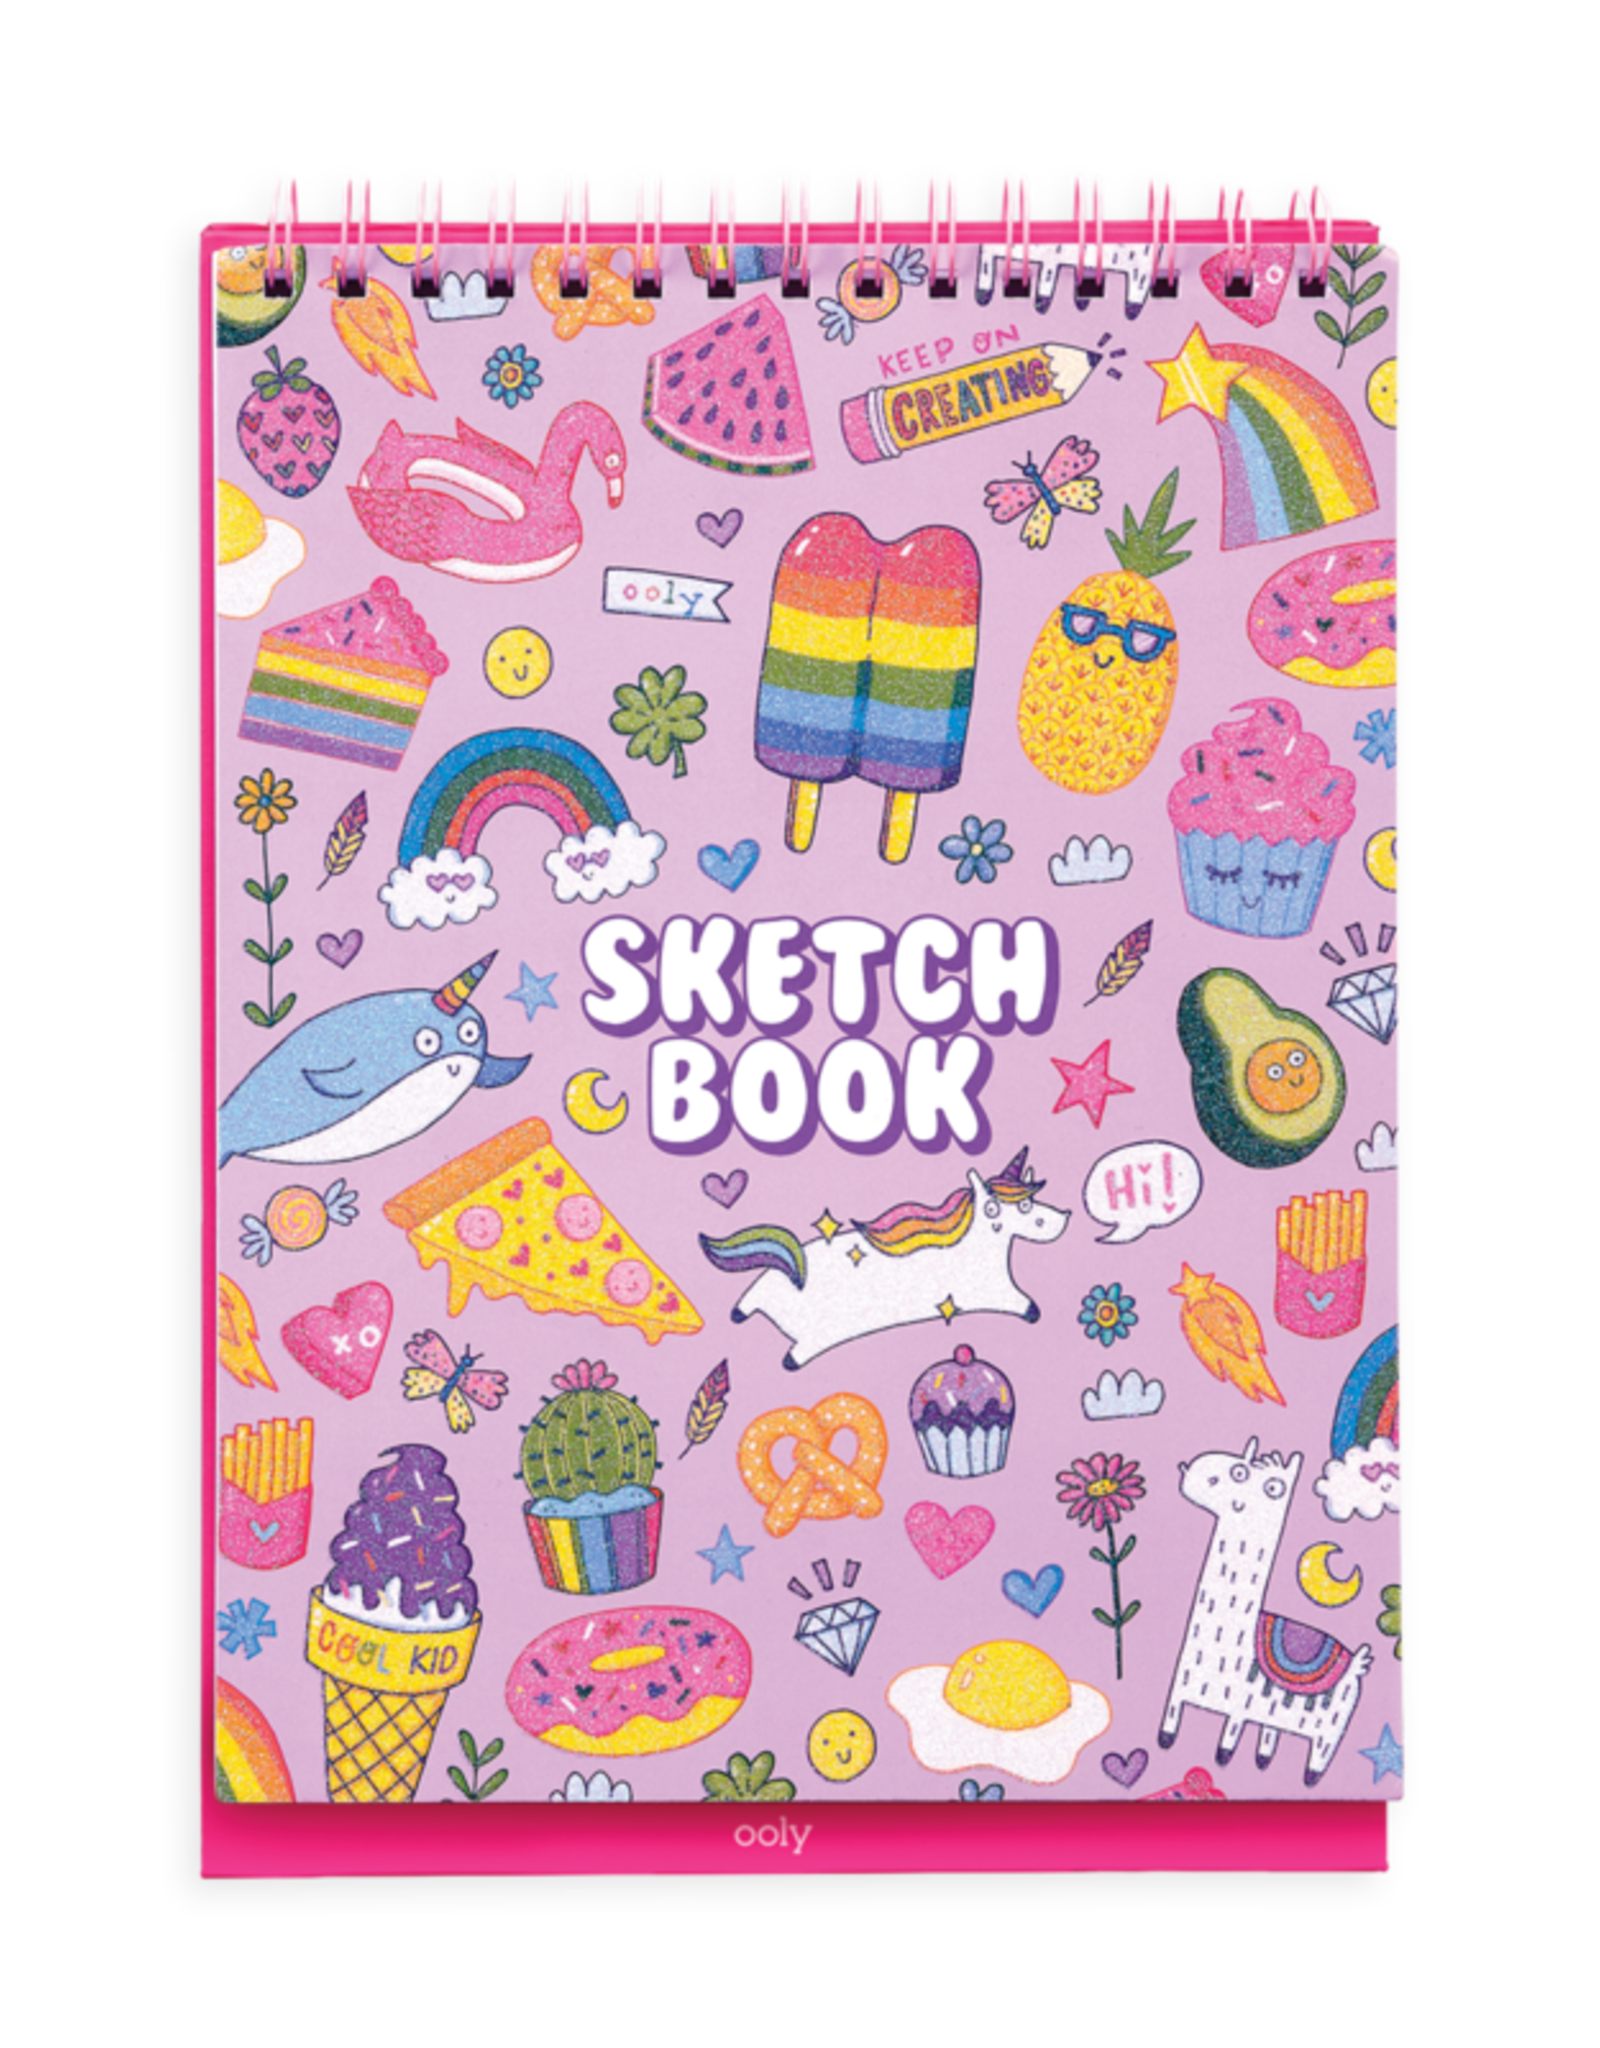 Sketch & Show